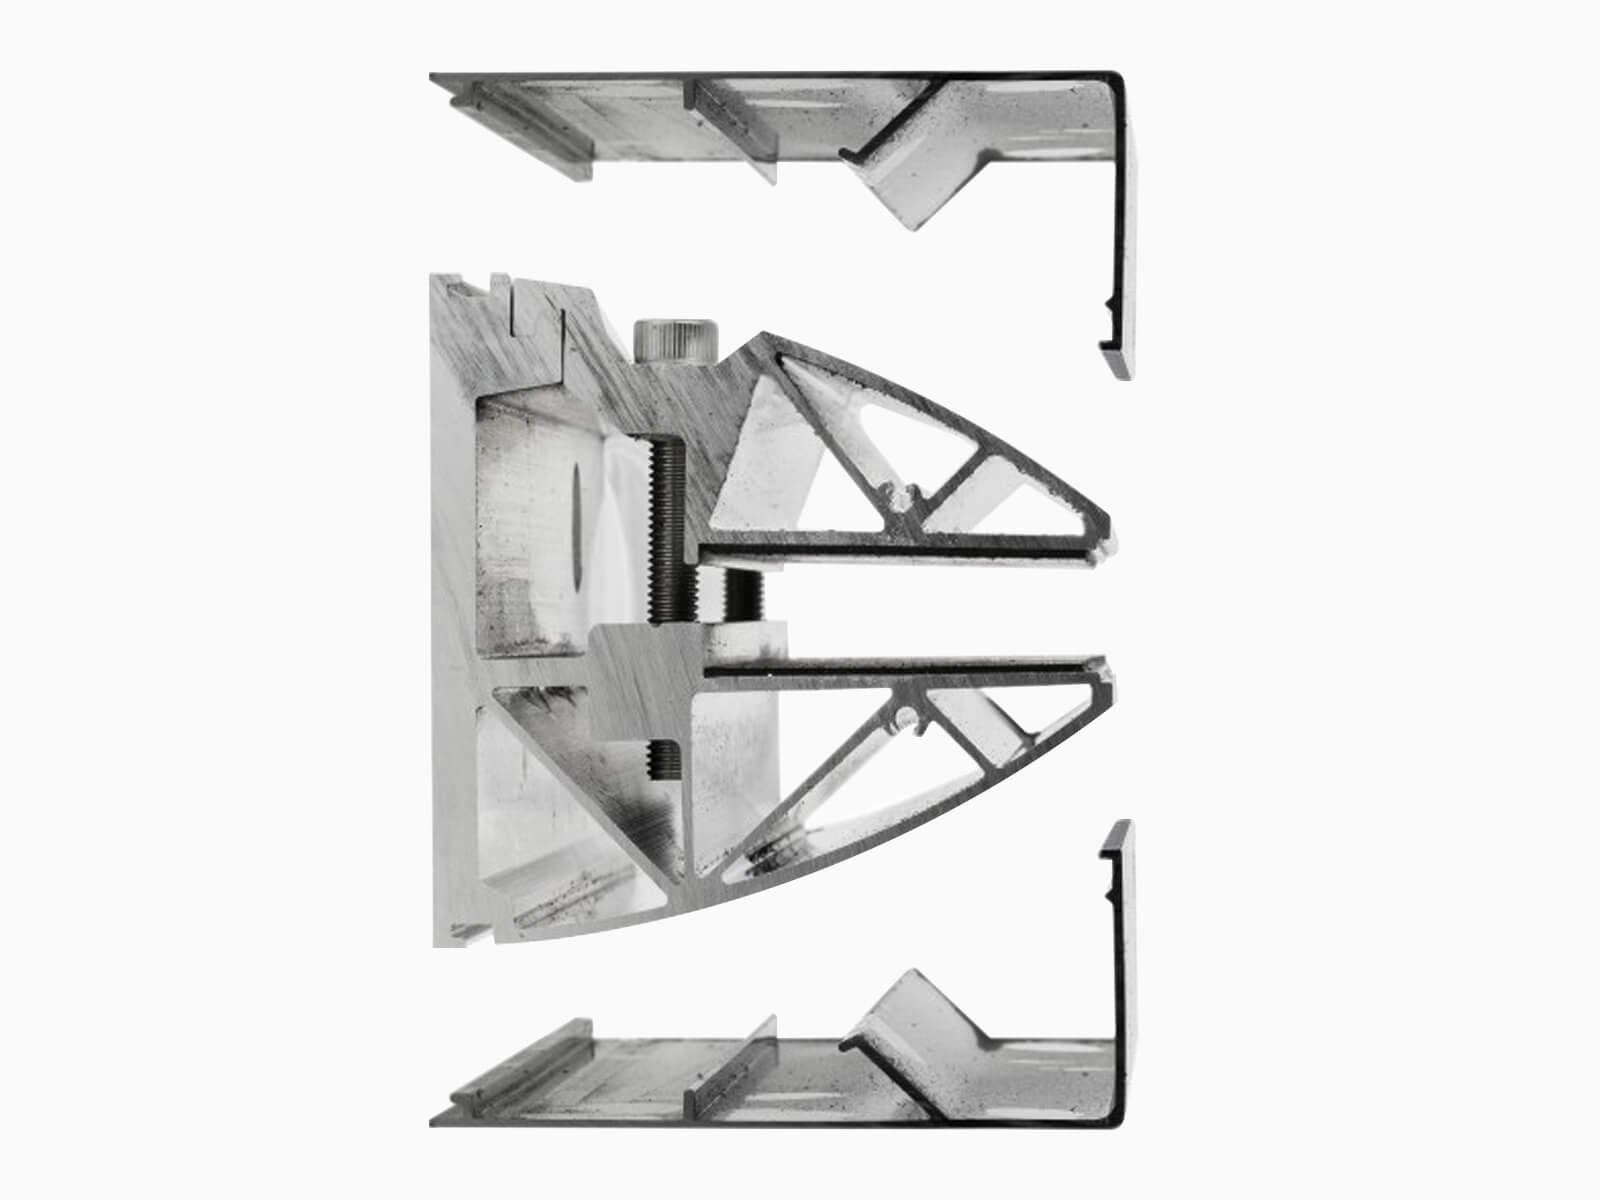 glas-vordach-mit-seitenteil-klemmprofil-und-blenden